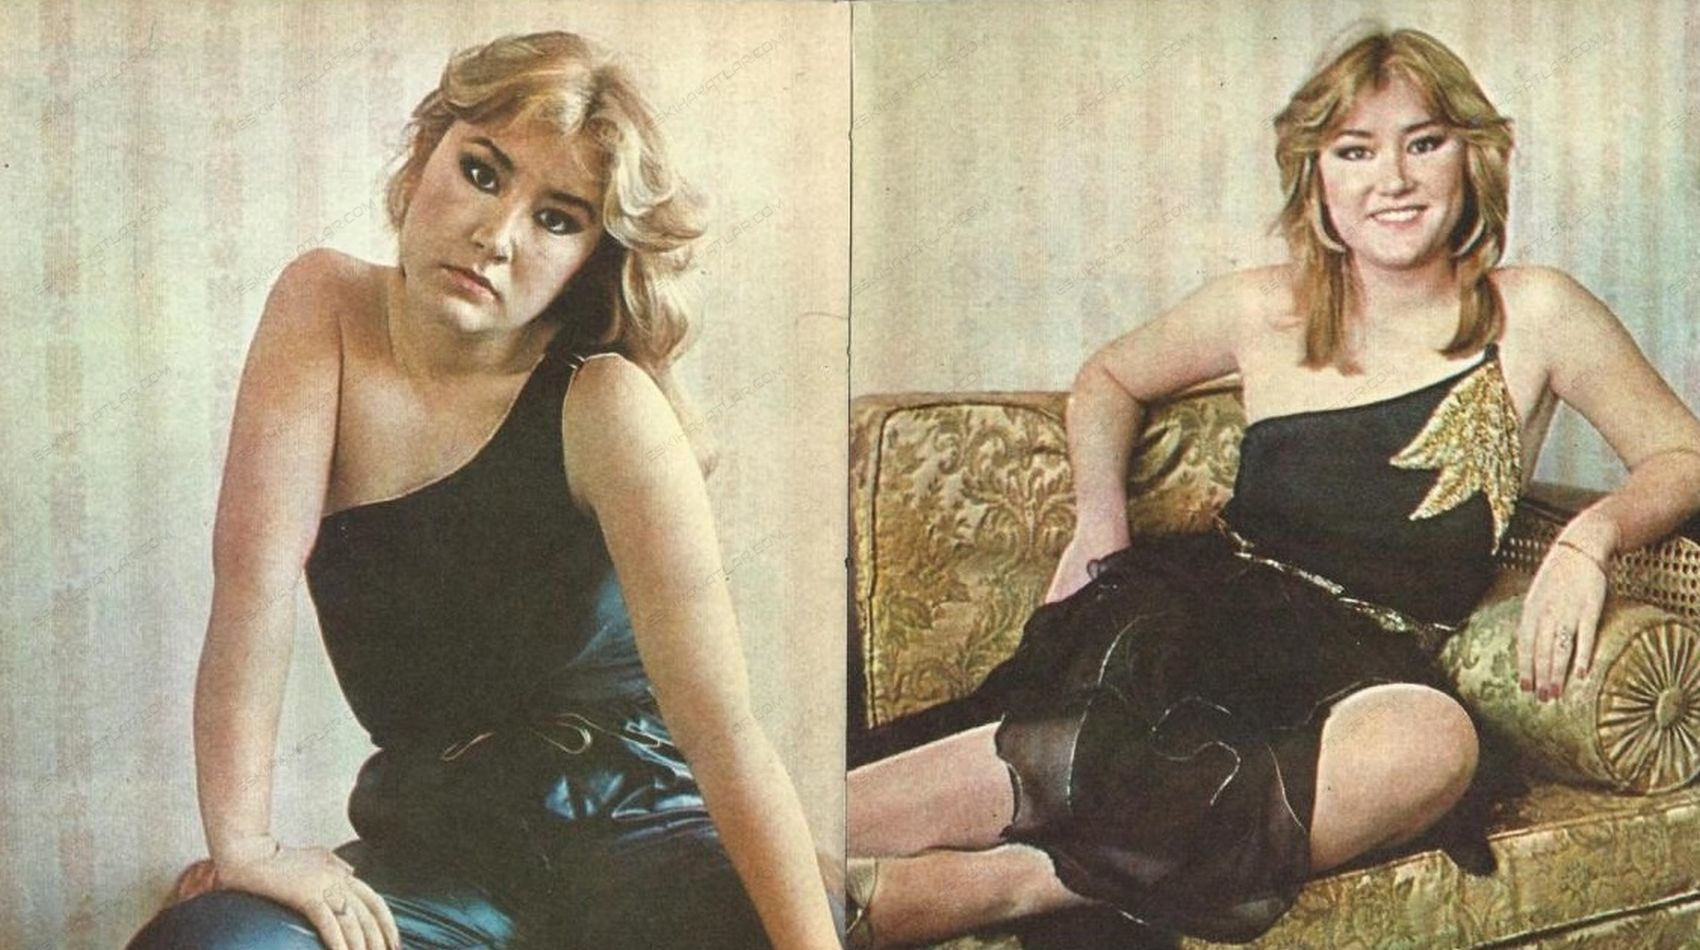 0366-seksenli-yillarin-assolistleri-1981-erkekce-dergisi-deniz-ugur (6)